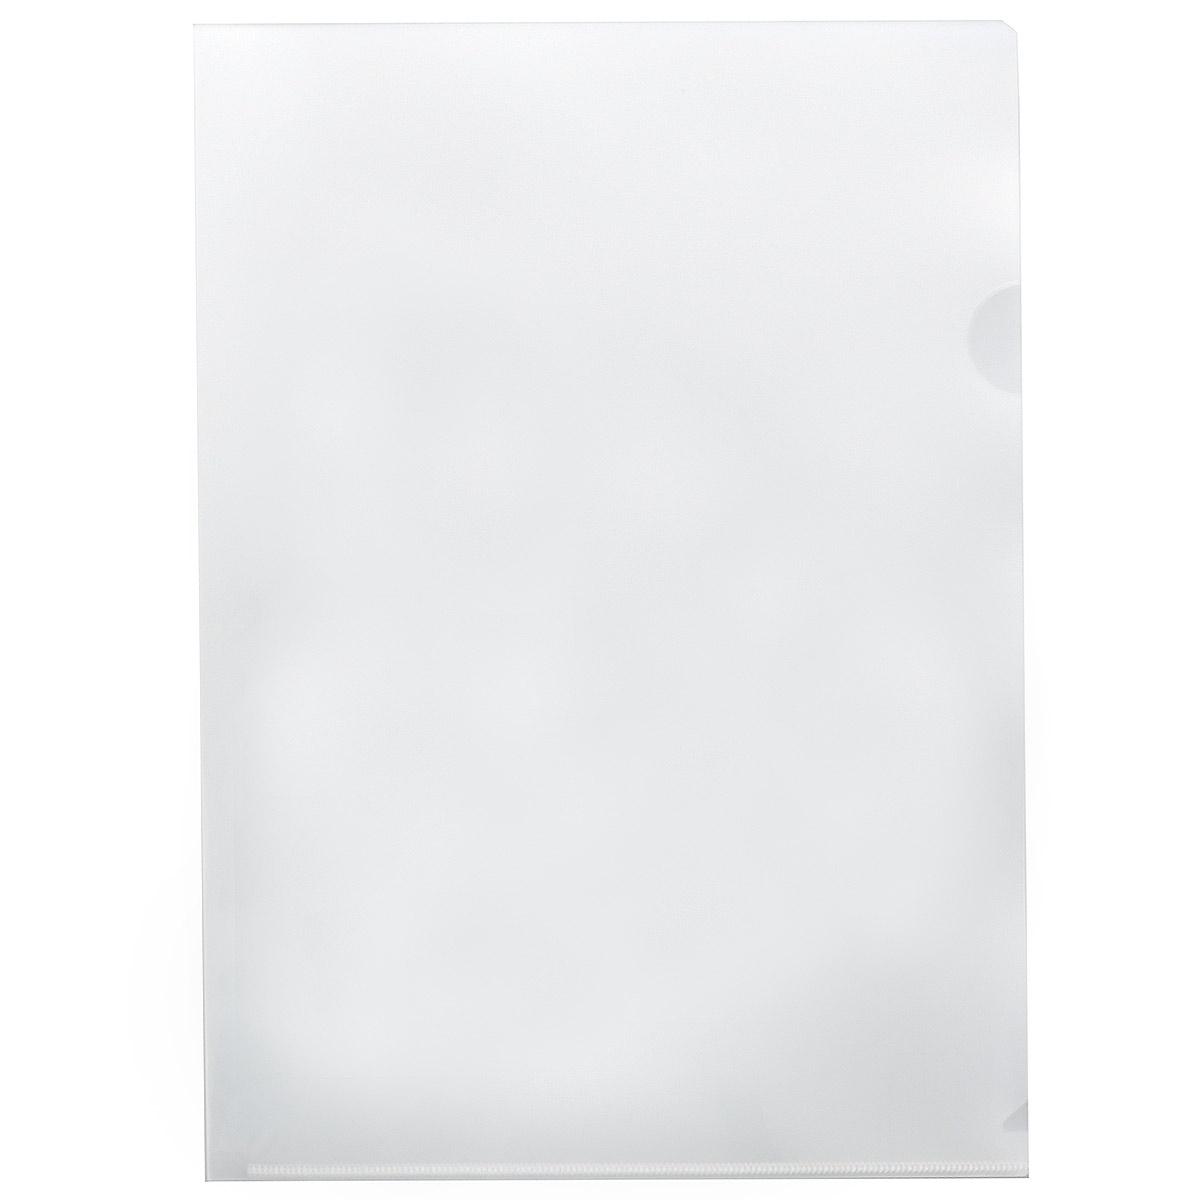 Centrum Папка-уголок цвет прозрачный 12 штIN111104Папка-уголок Centrum - это удобный и практичный офисный инструмент, предназначенный для хранения и транспортировки рабочих бумаг и документов формата А4. Папка изготовлена из плотного глянцевого пластика, имеет опрятный и неброский вид. В комплект входят 12 папок формата А4.Папка-уголок - это незаменимый атрибут для студента, школьника, офисного работника. Такая папка надежно сохранит ваши документы и сбережет их от повреждений, пыли и влаги.